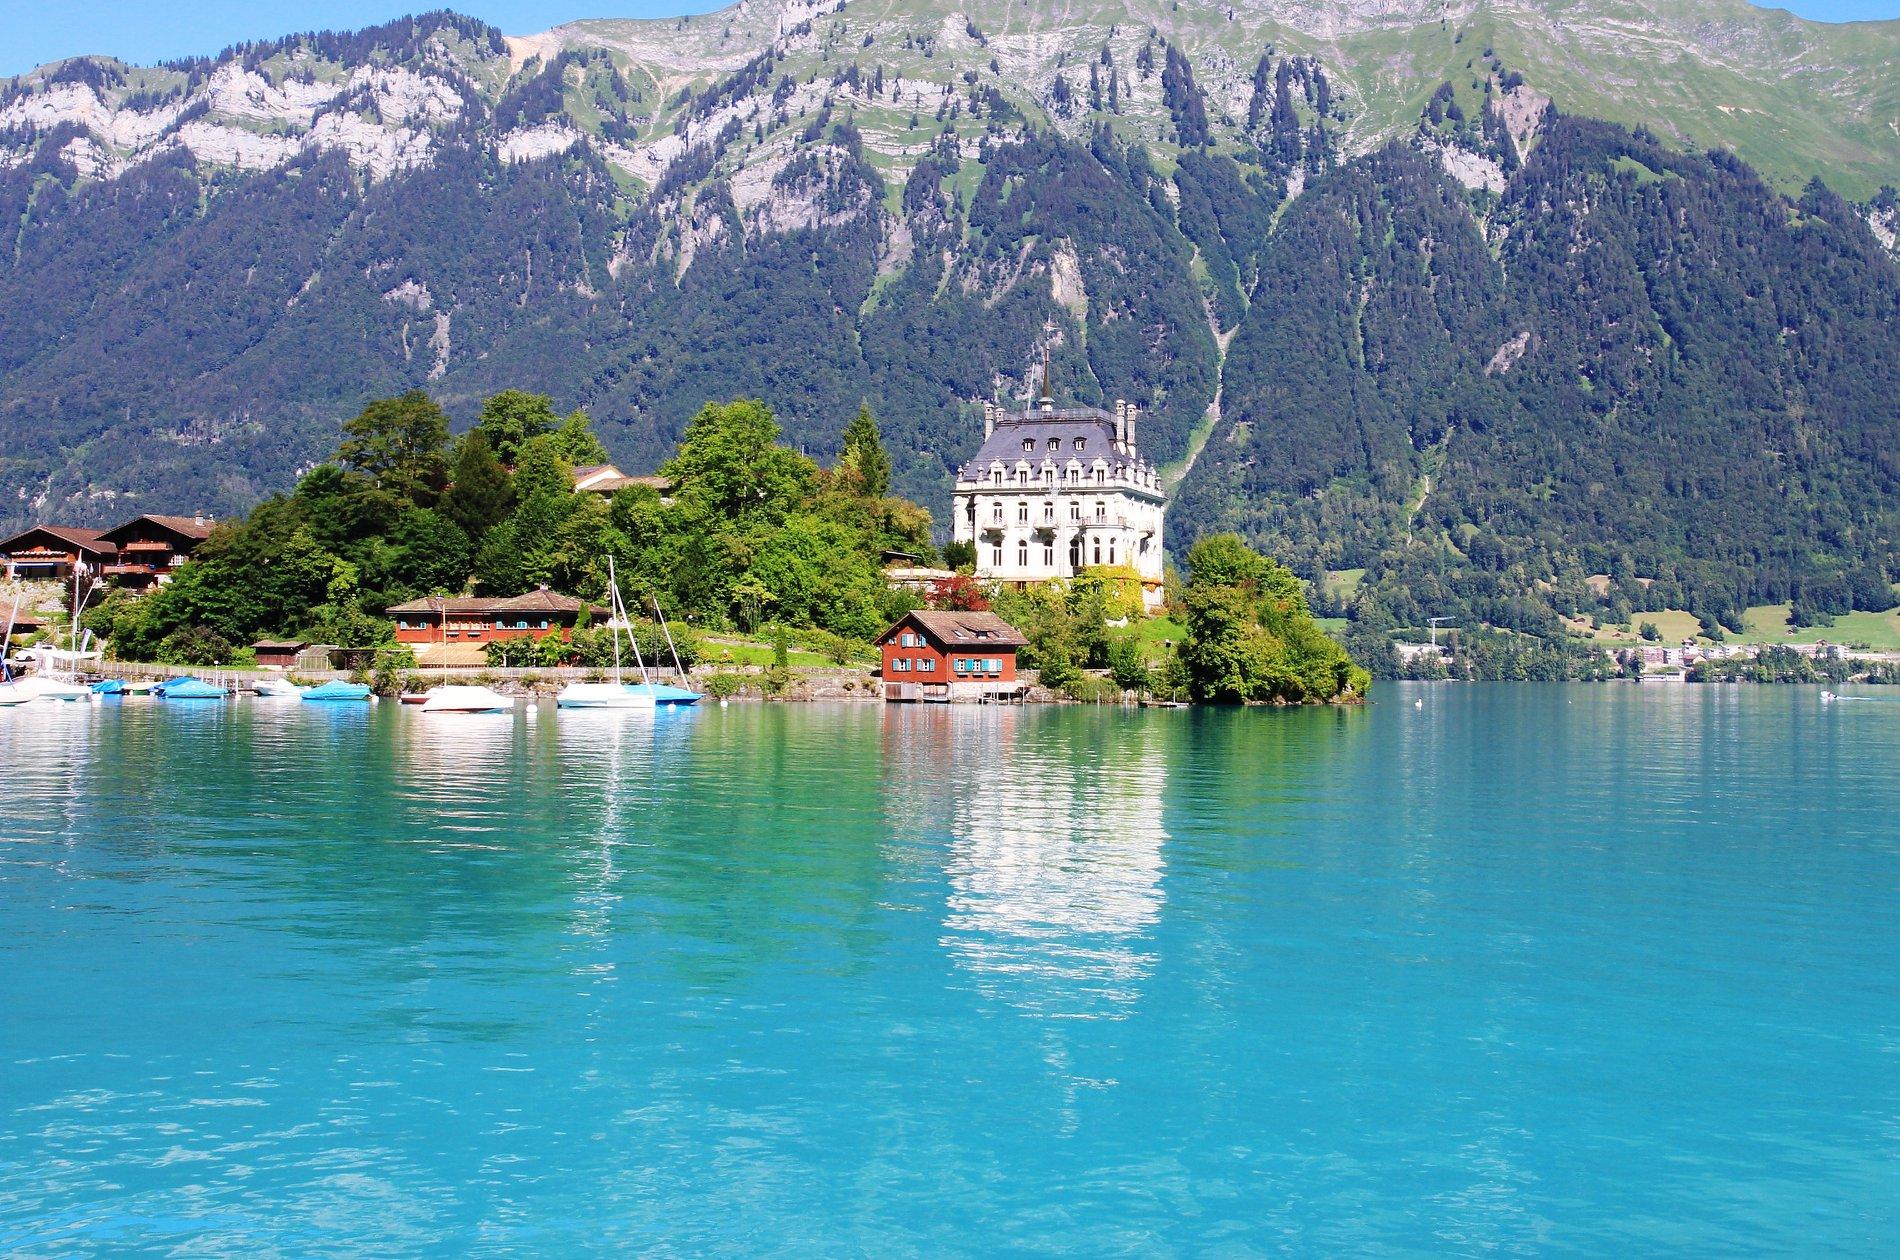 Chia sẻ kinh nghiệm du lịch Thụy Sĩ cực hay ho và tiết kiệm